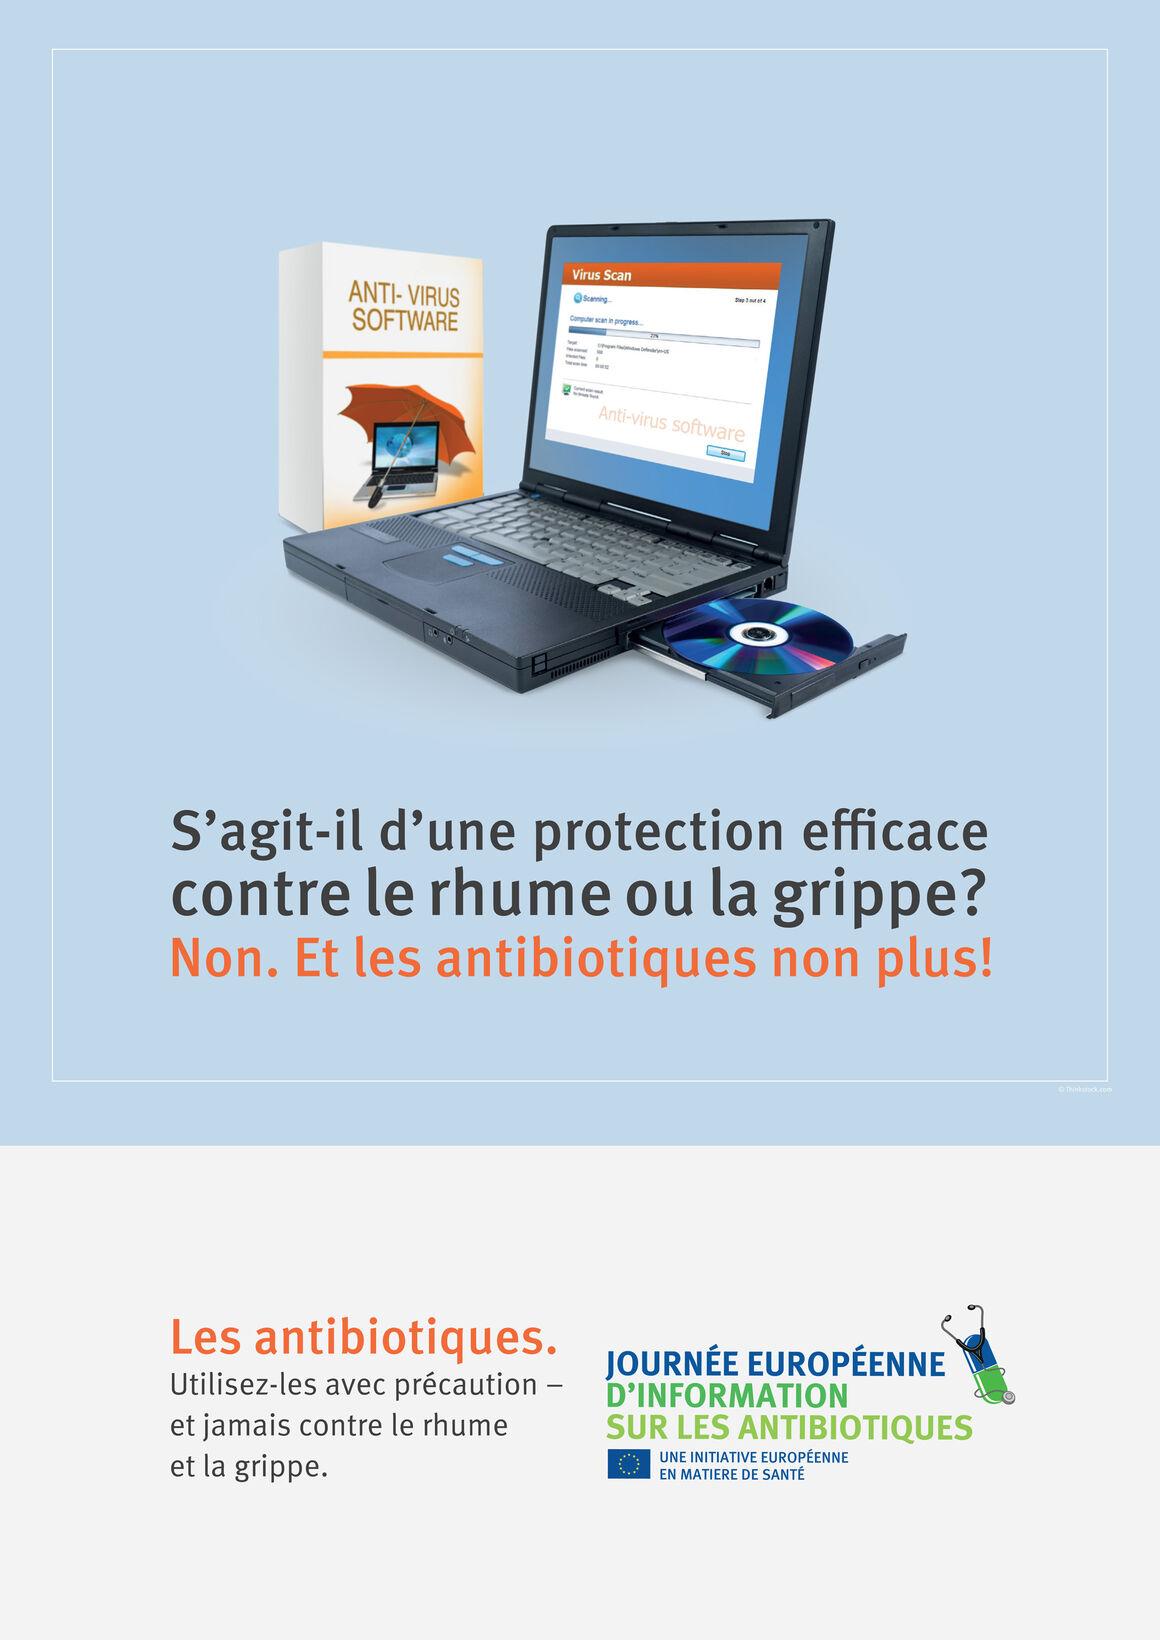 Affiches: S'agit-il d'une protection efficace contre le rhume ou la grippe? Non. Et les antibiotiques non plus!